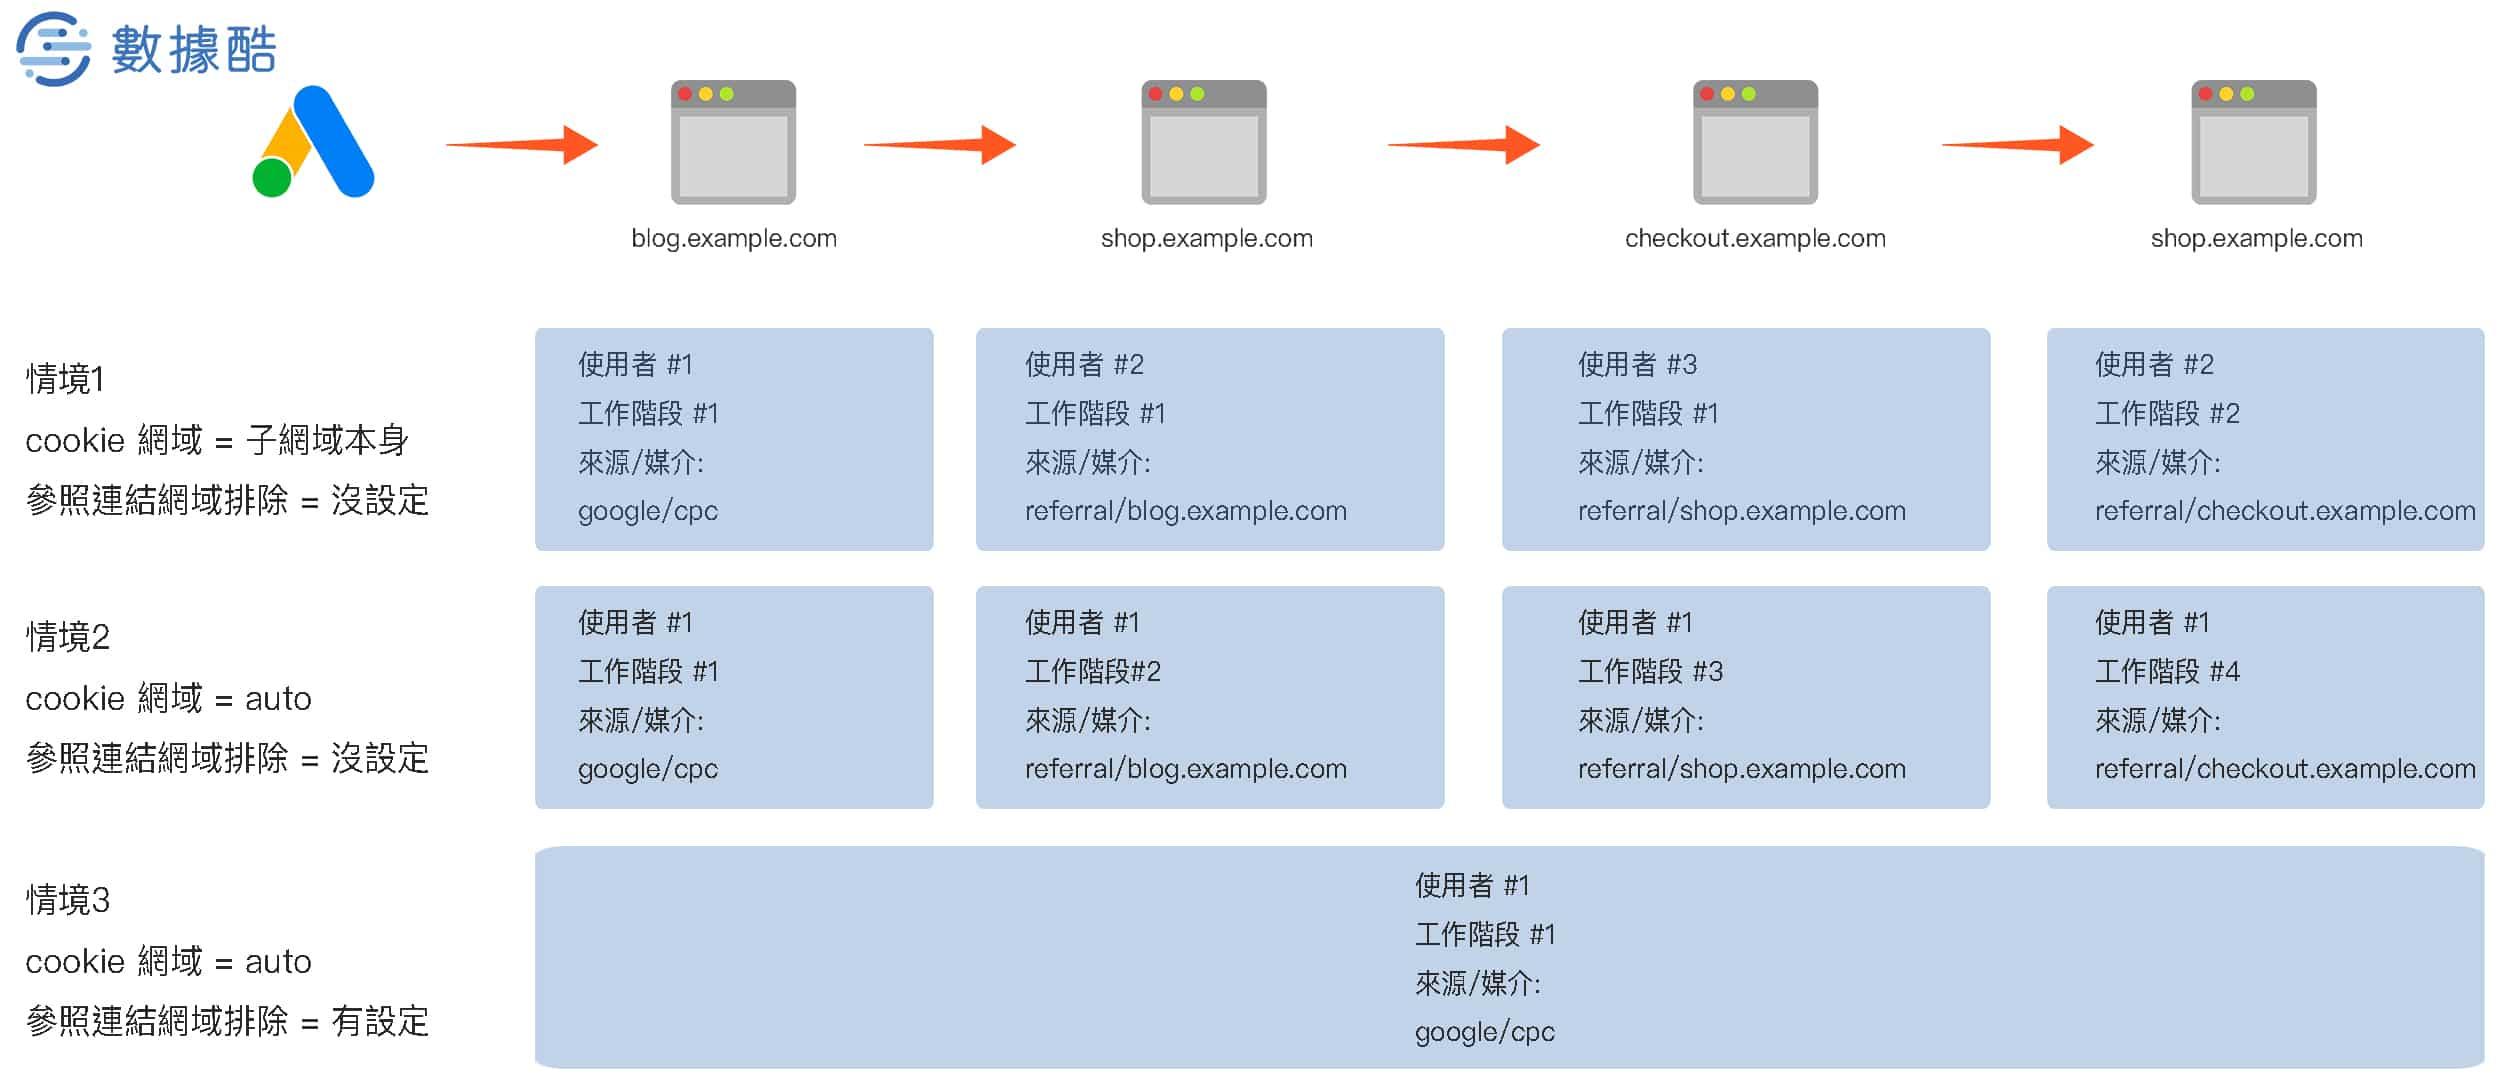 GA 跨 子網域 情境範例解析